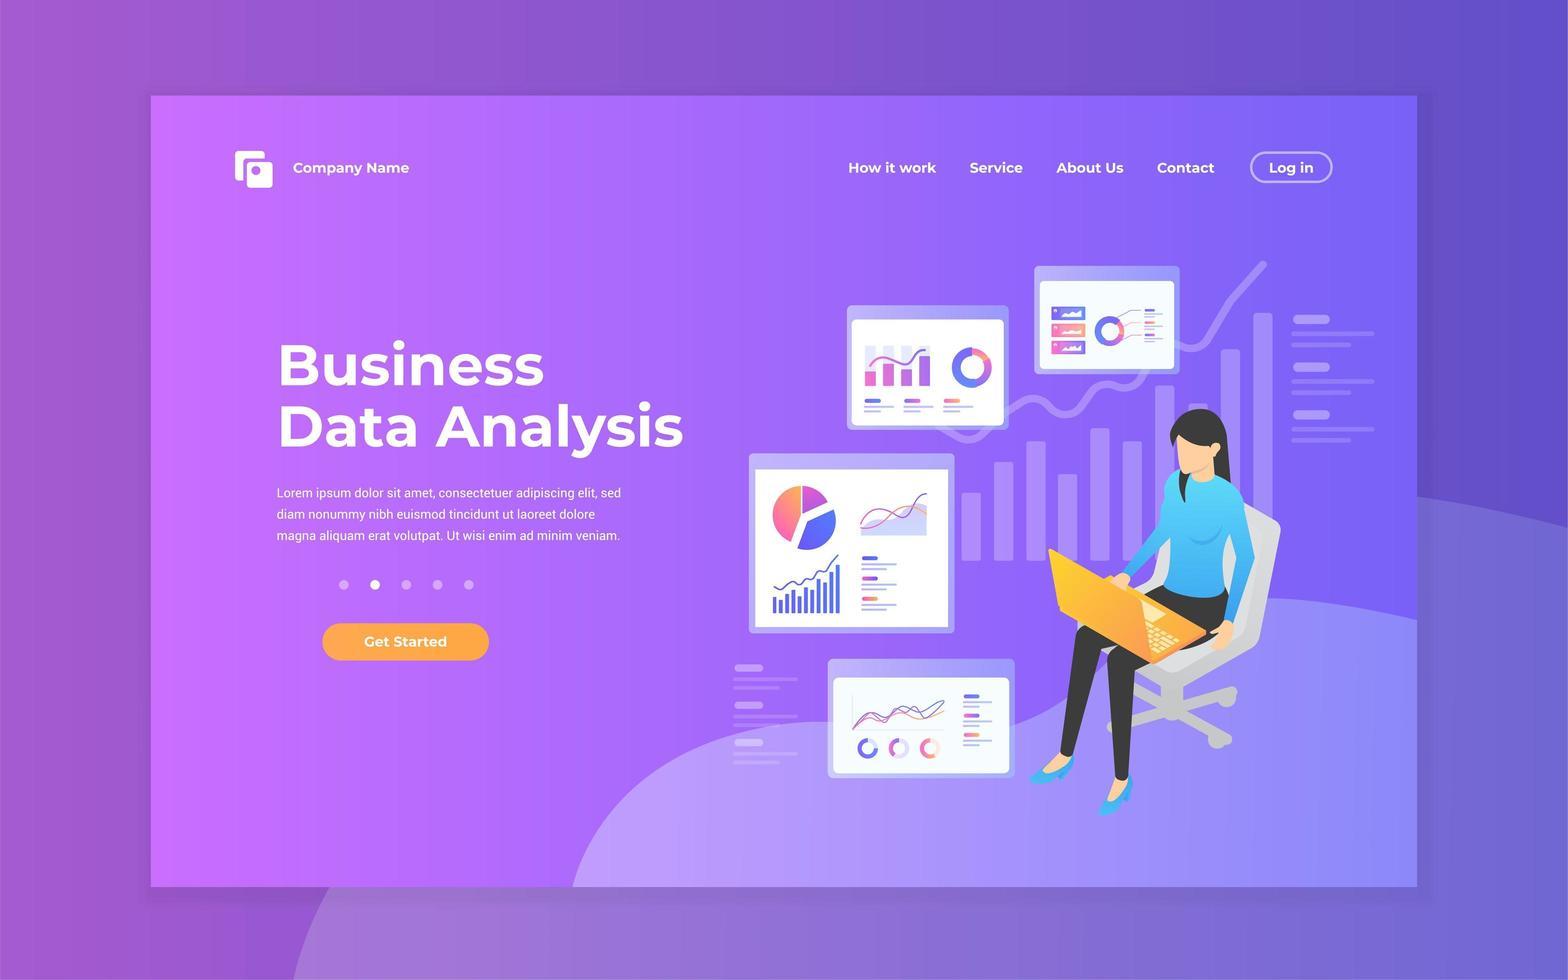 modelo de design de página de destino de análise de dados comerciais vetor